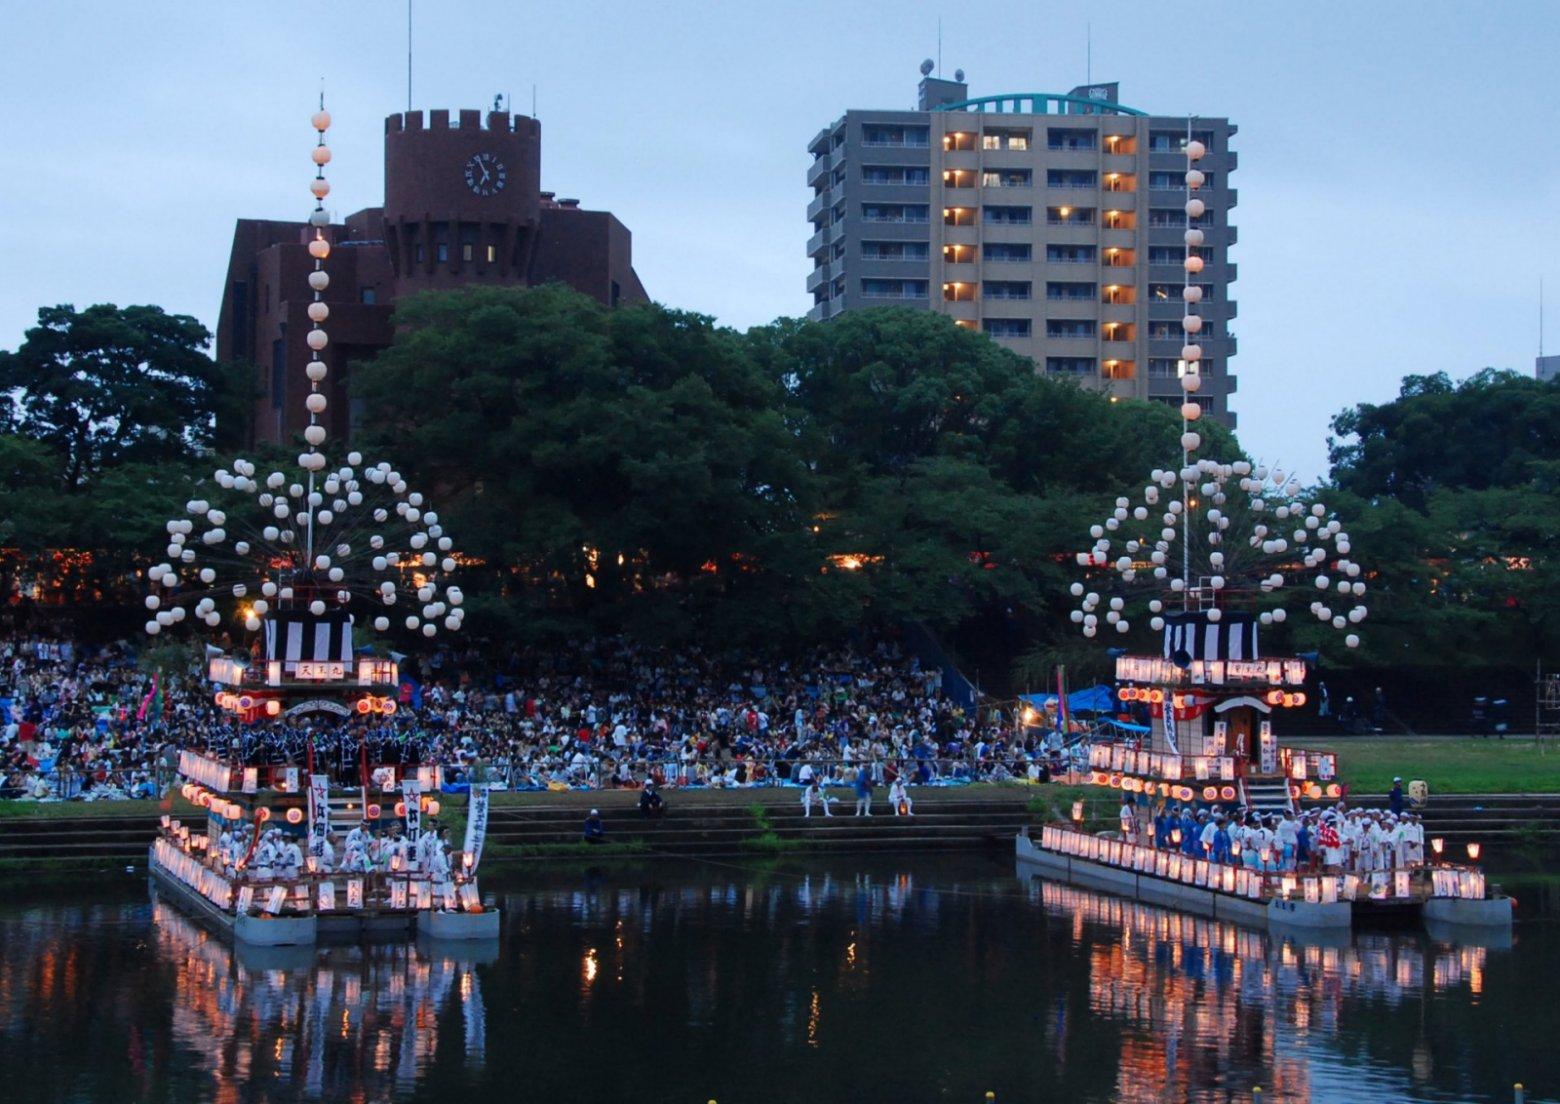 岡崎市の観光・デートスポットランキング!おすすめの名所から人気スポットまで!